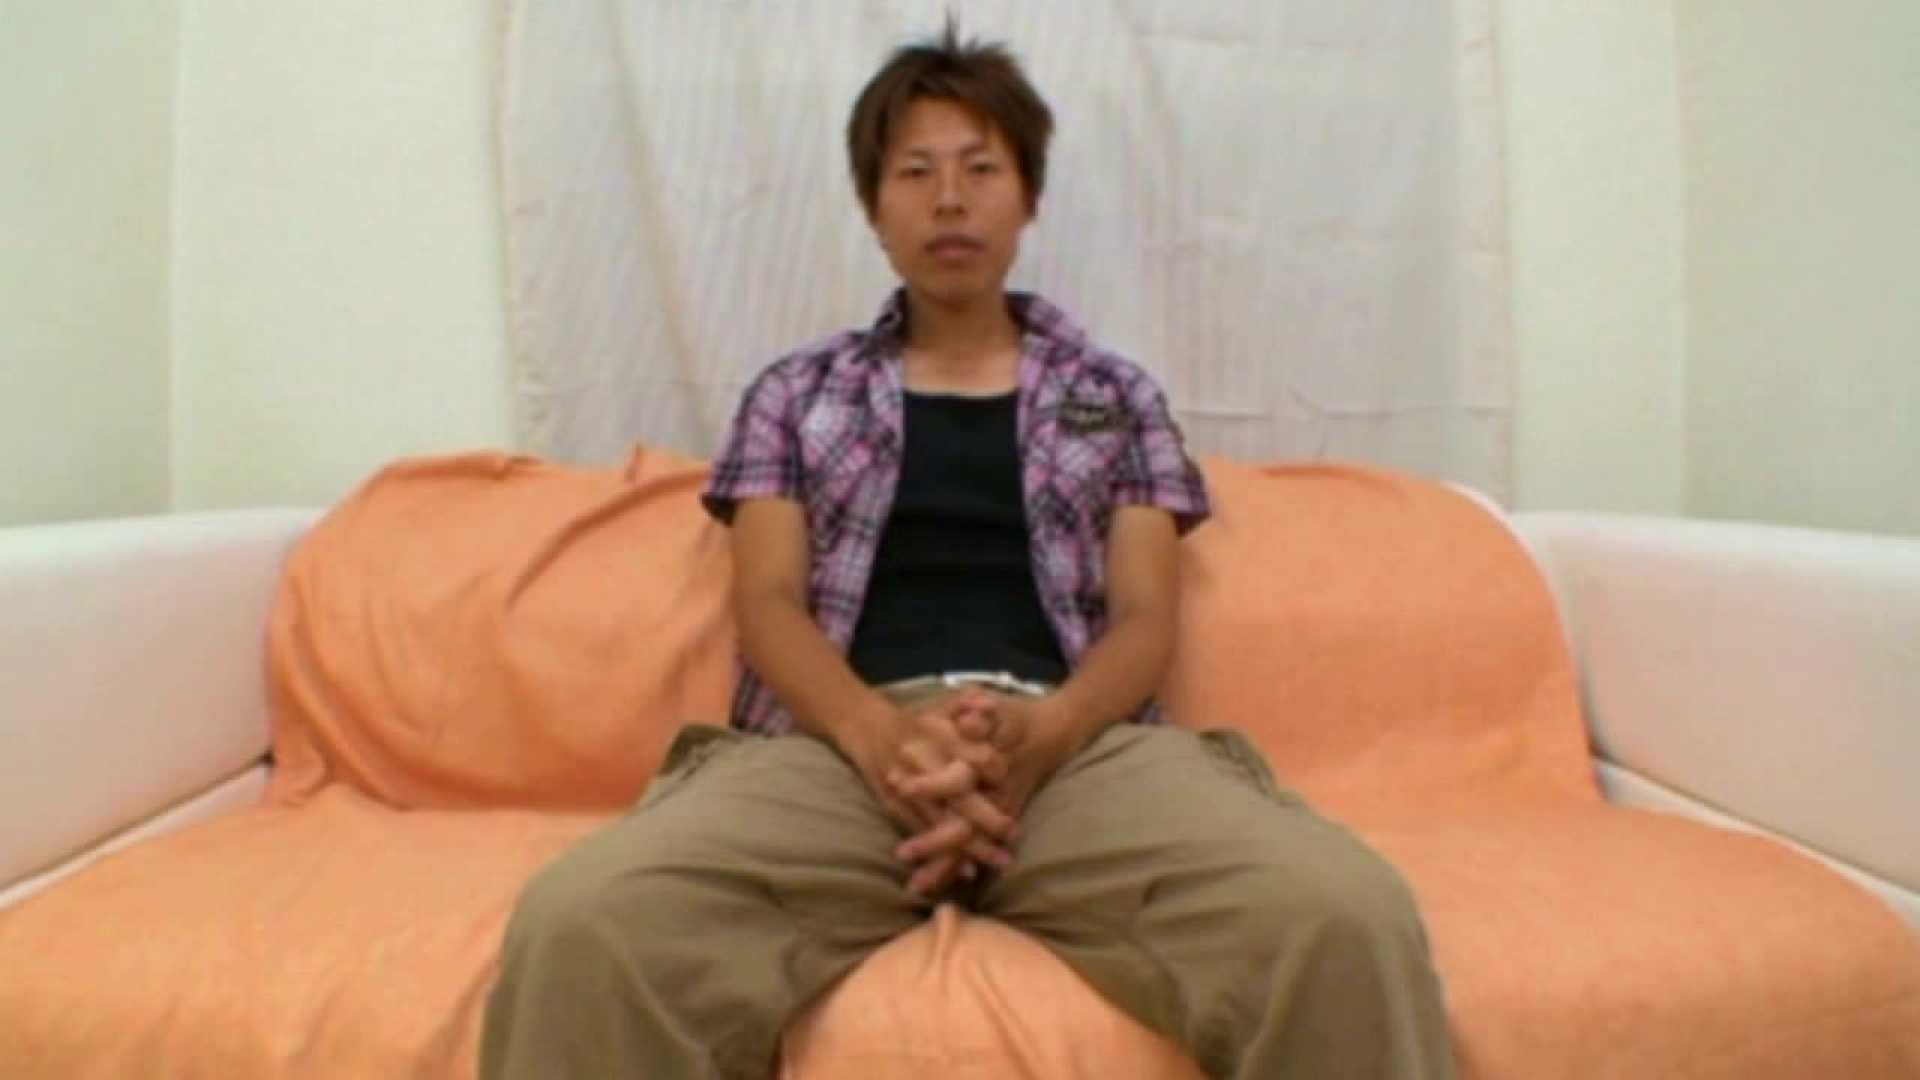 ノンケ!自慰スタジオ No.10 オナニー ゲイ無修正画像 103枚 79